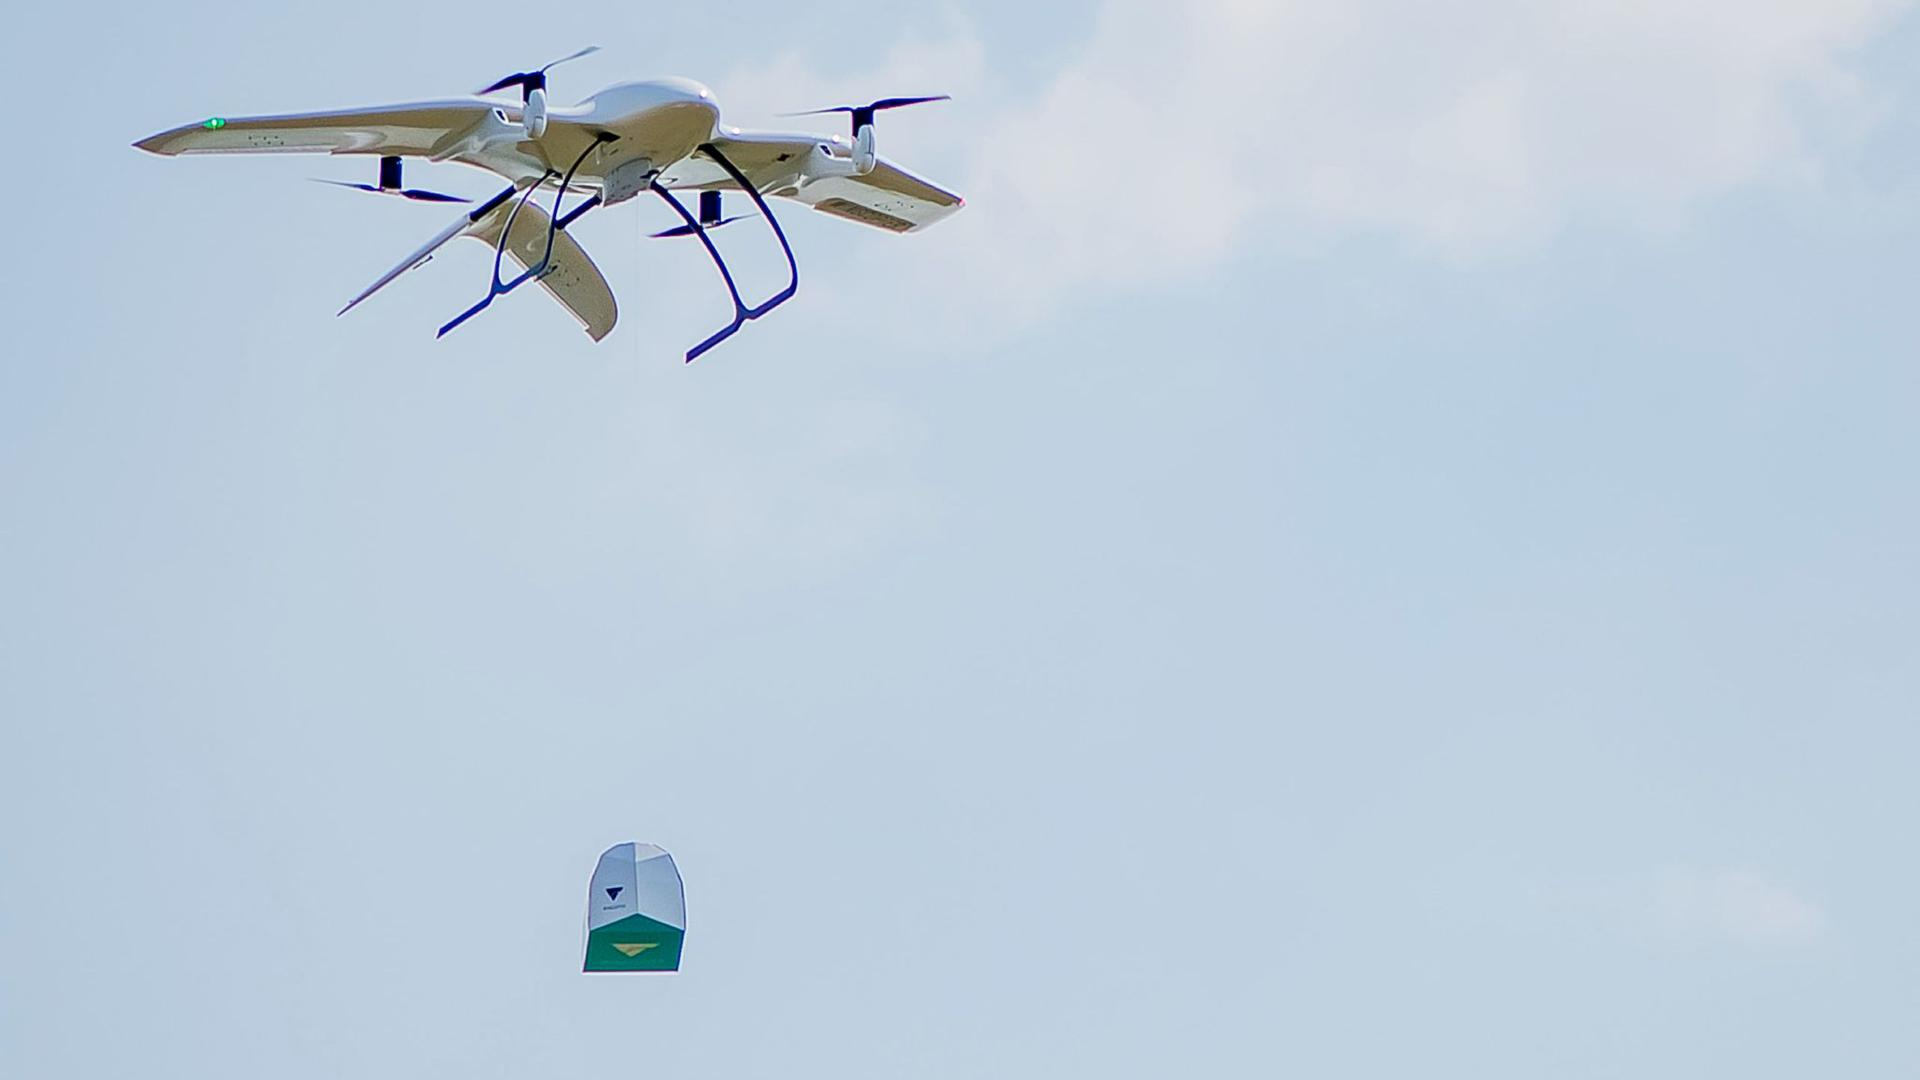 Eine Drohne des Start-Ups Wingcopter trägt ein Paket. Das mit Tragflächen ausgestattete Gerät kann senkrecht aufsteigen und dann auf der Strecke auch bei widrigen Wetterverhältnissen wie ein Propeller-Flugzeug fliegen.